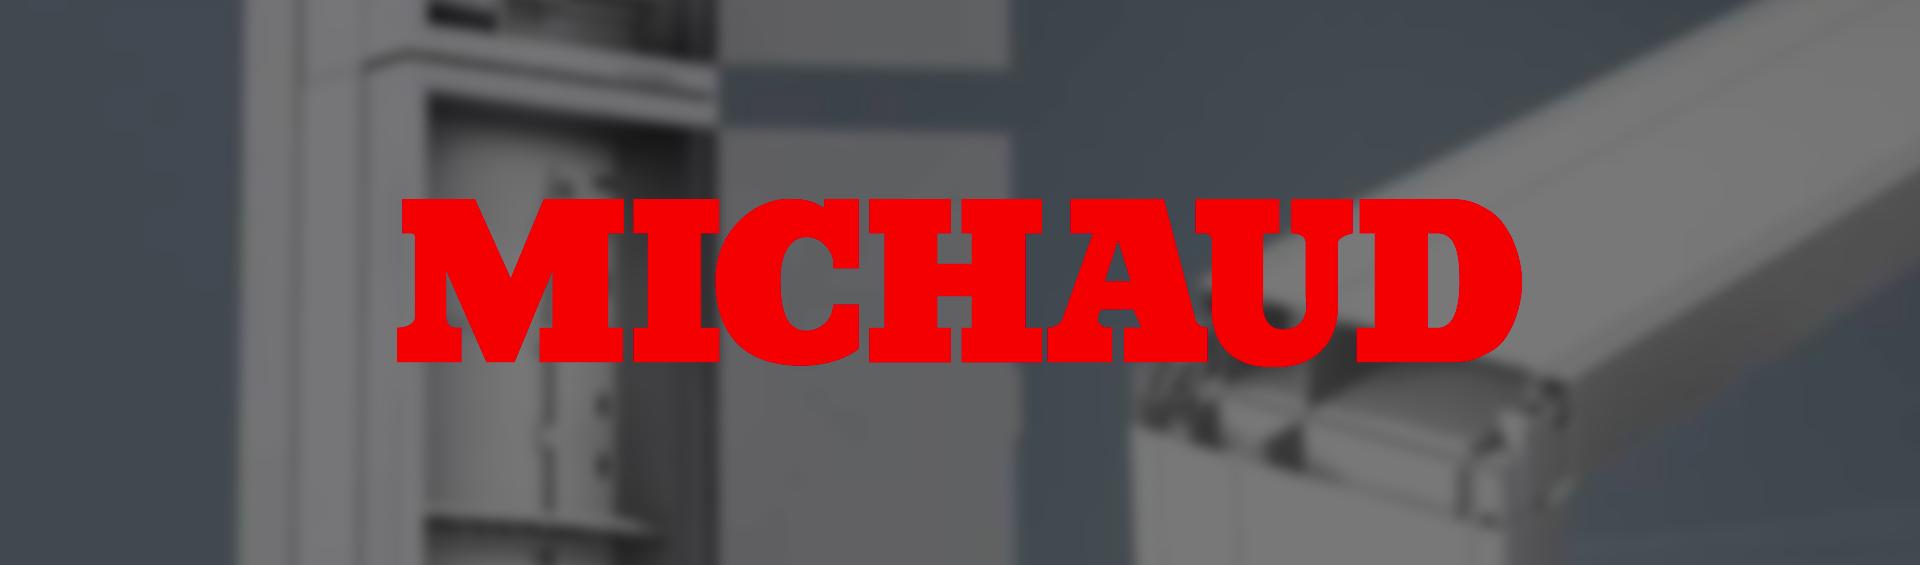 La gamme de raccordement provisoire Michaud